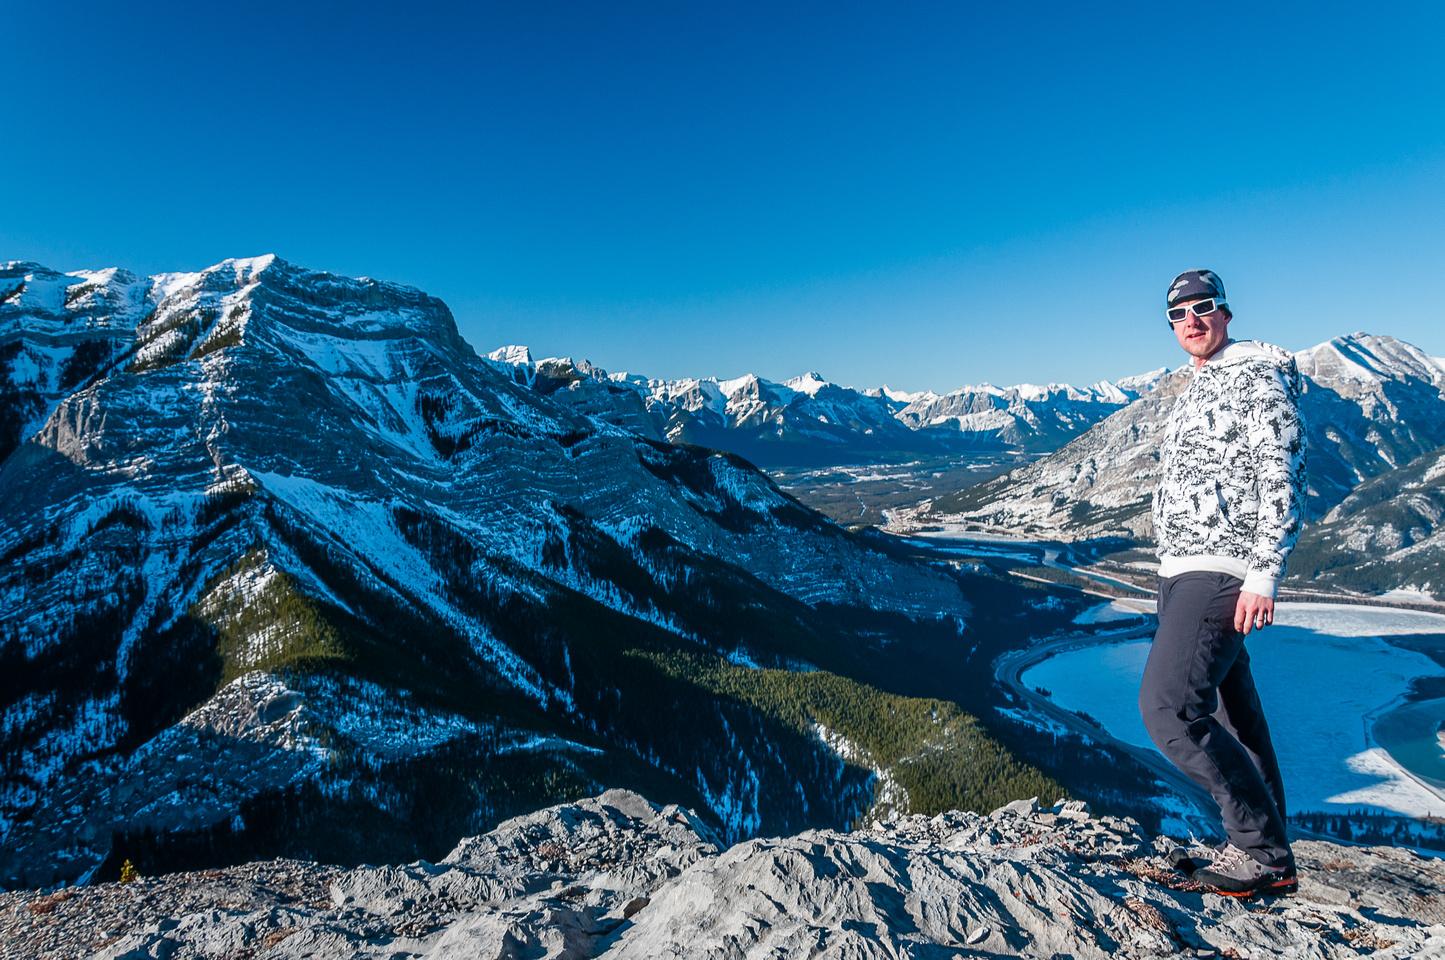 Vern on the summit of Heart Mountain.